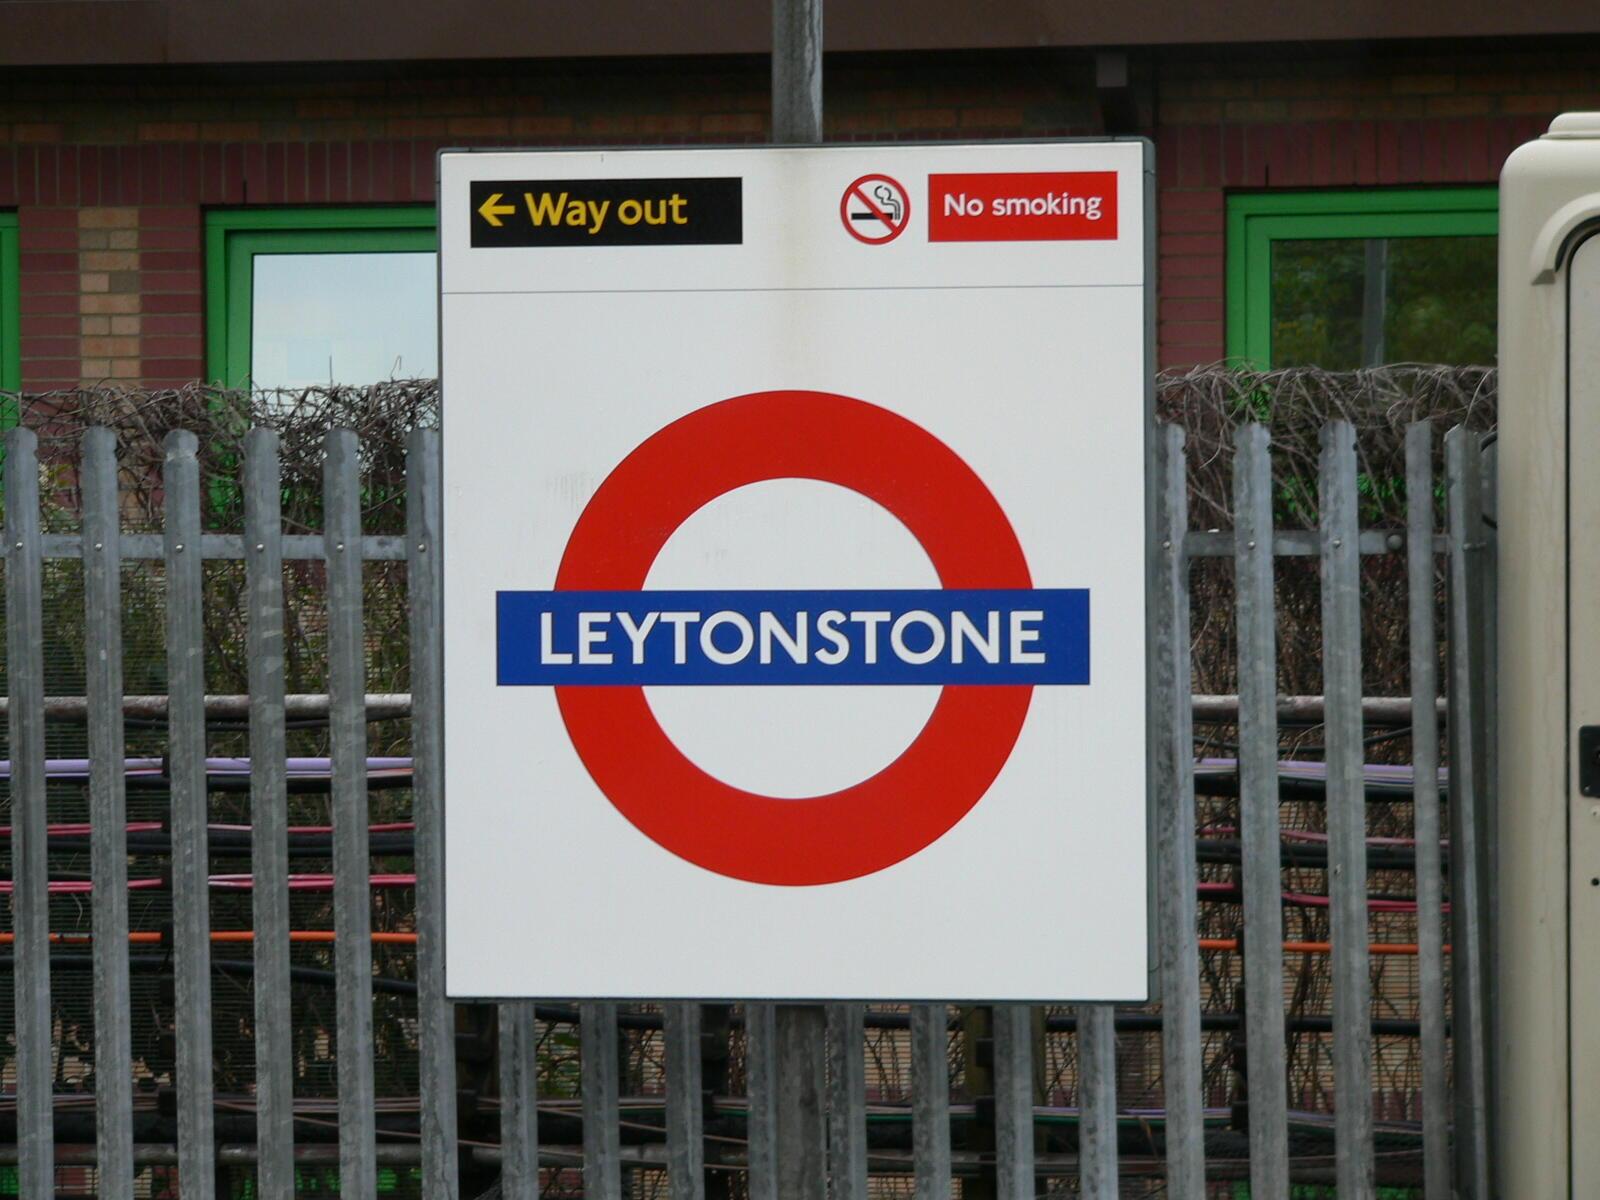 Нападение произошло вечером 5 декабря перед турникетами станции метро Leytonstone, на востоке Лондона,